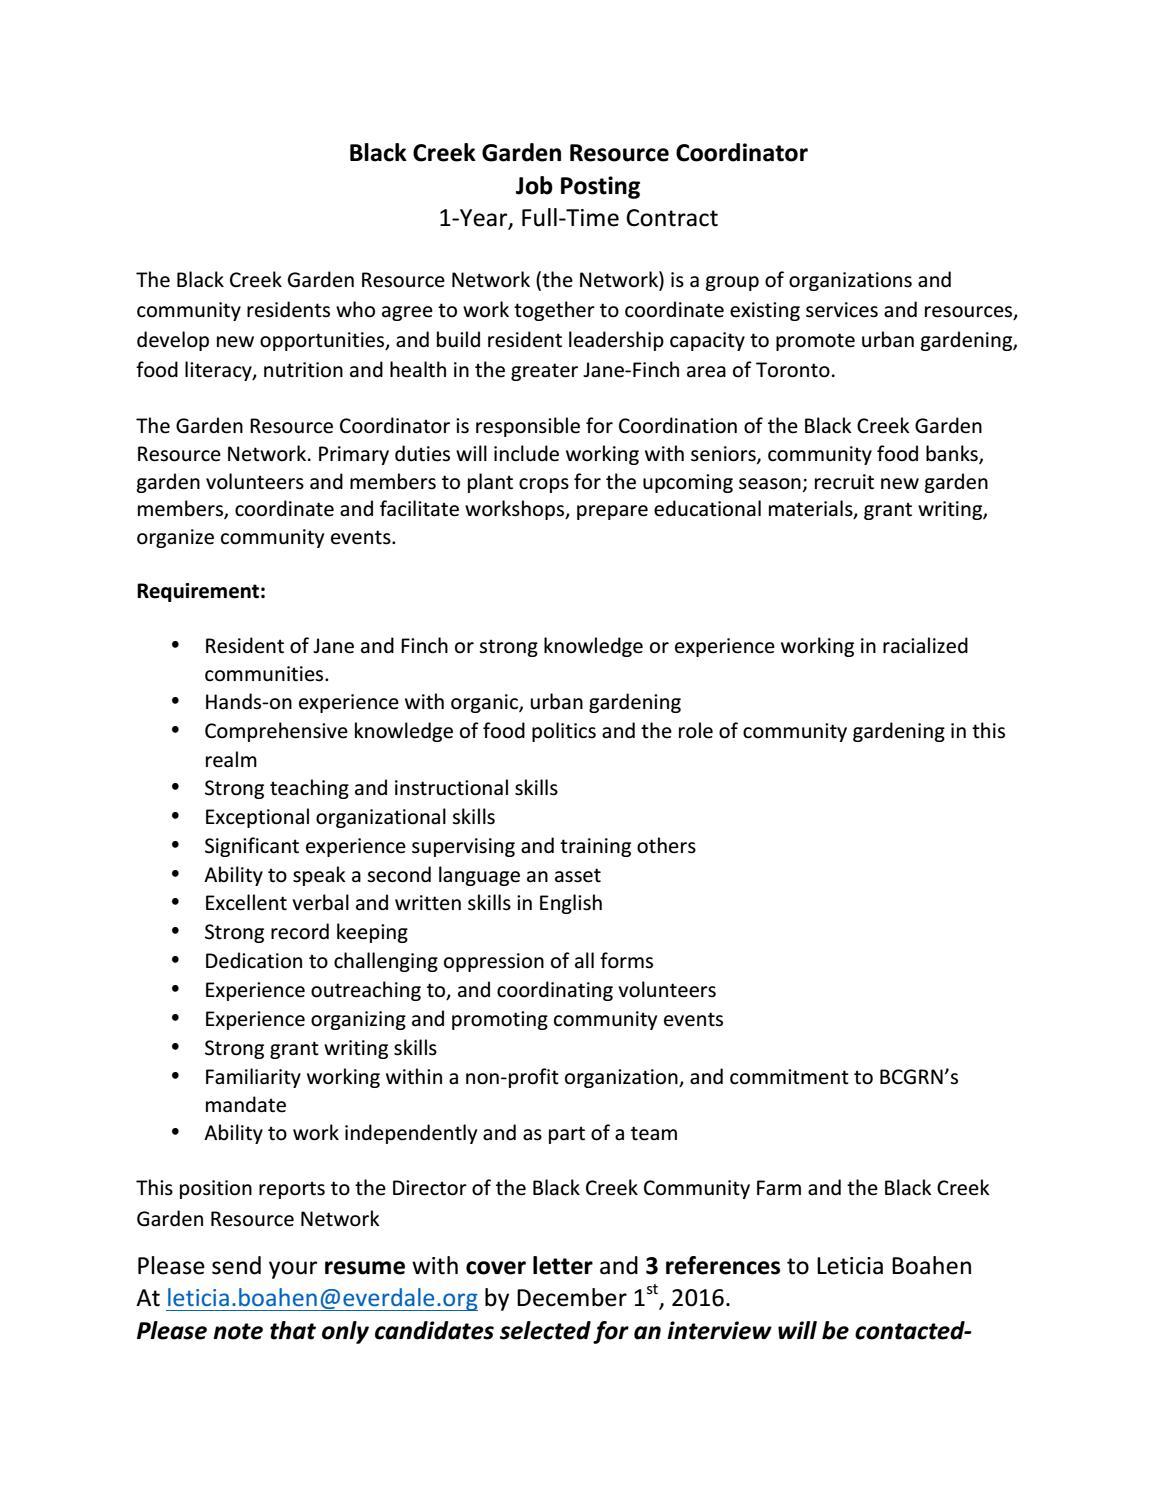 Black Creek Garden Resource Network by Green Change - issuu